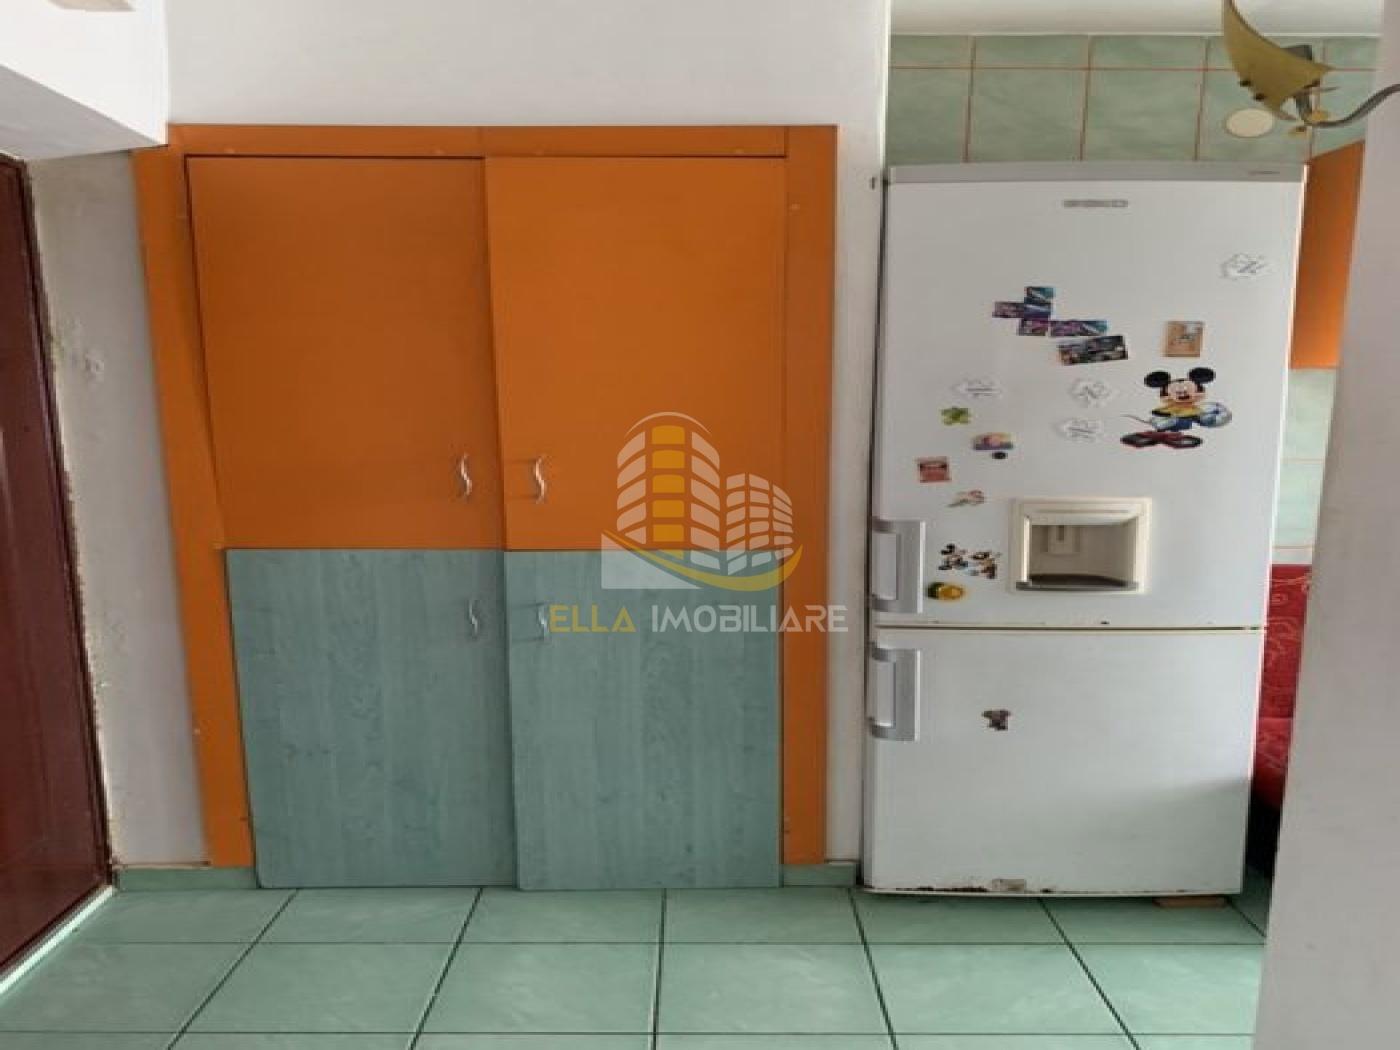 Zona Grivita, Botosani, Botosani, Romania, 1 Bedroom Bedrooms, 1 Room Rooms,1 BathroomBathrooms,Garsoniera,De vanzare,2551